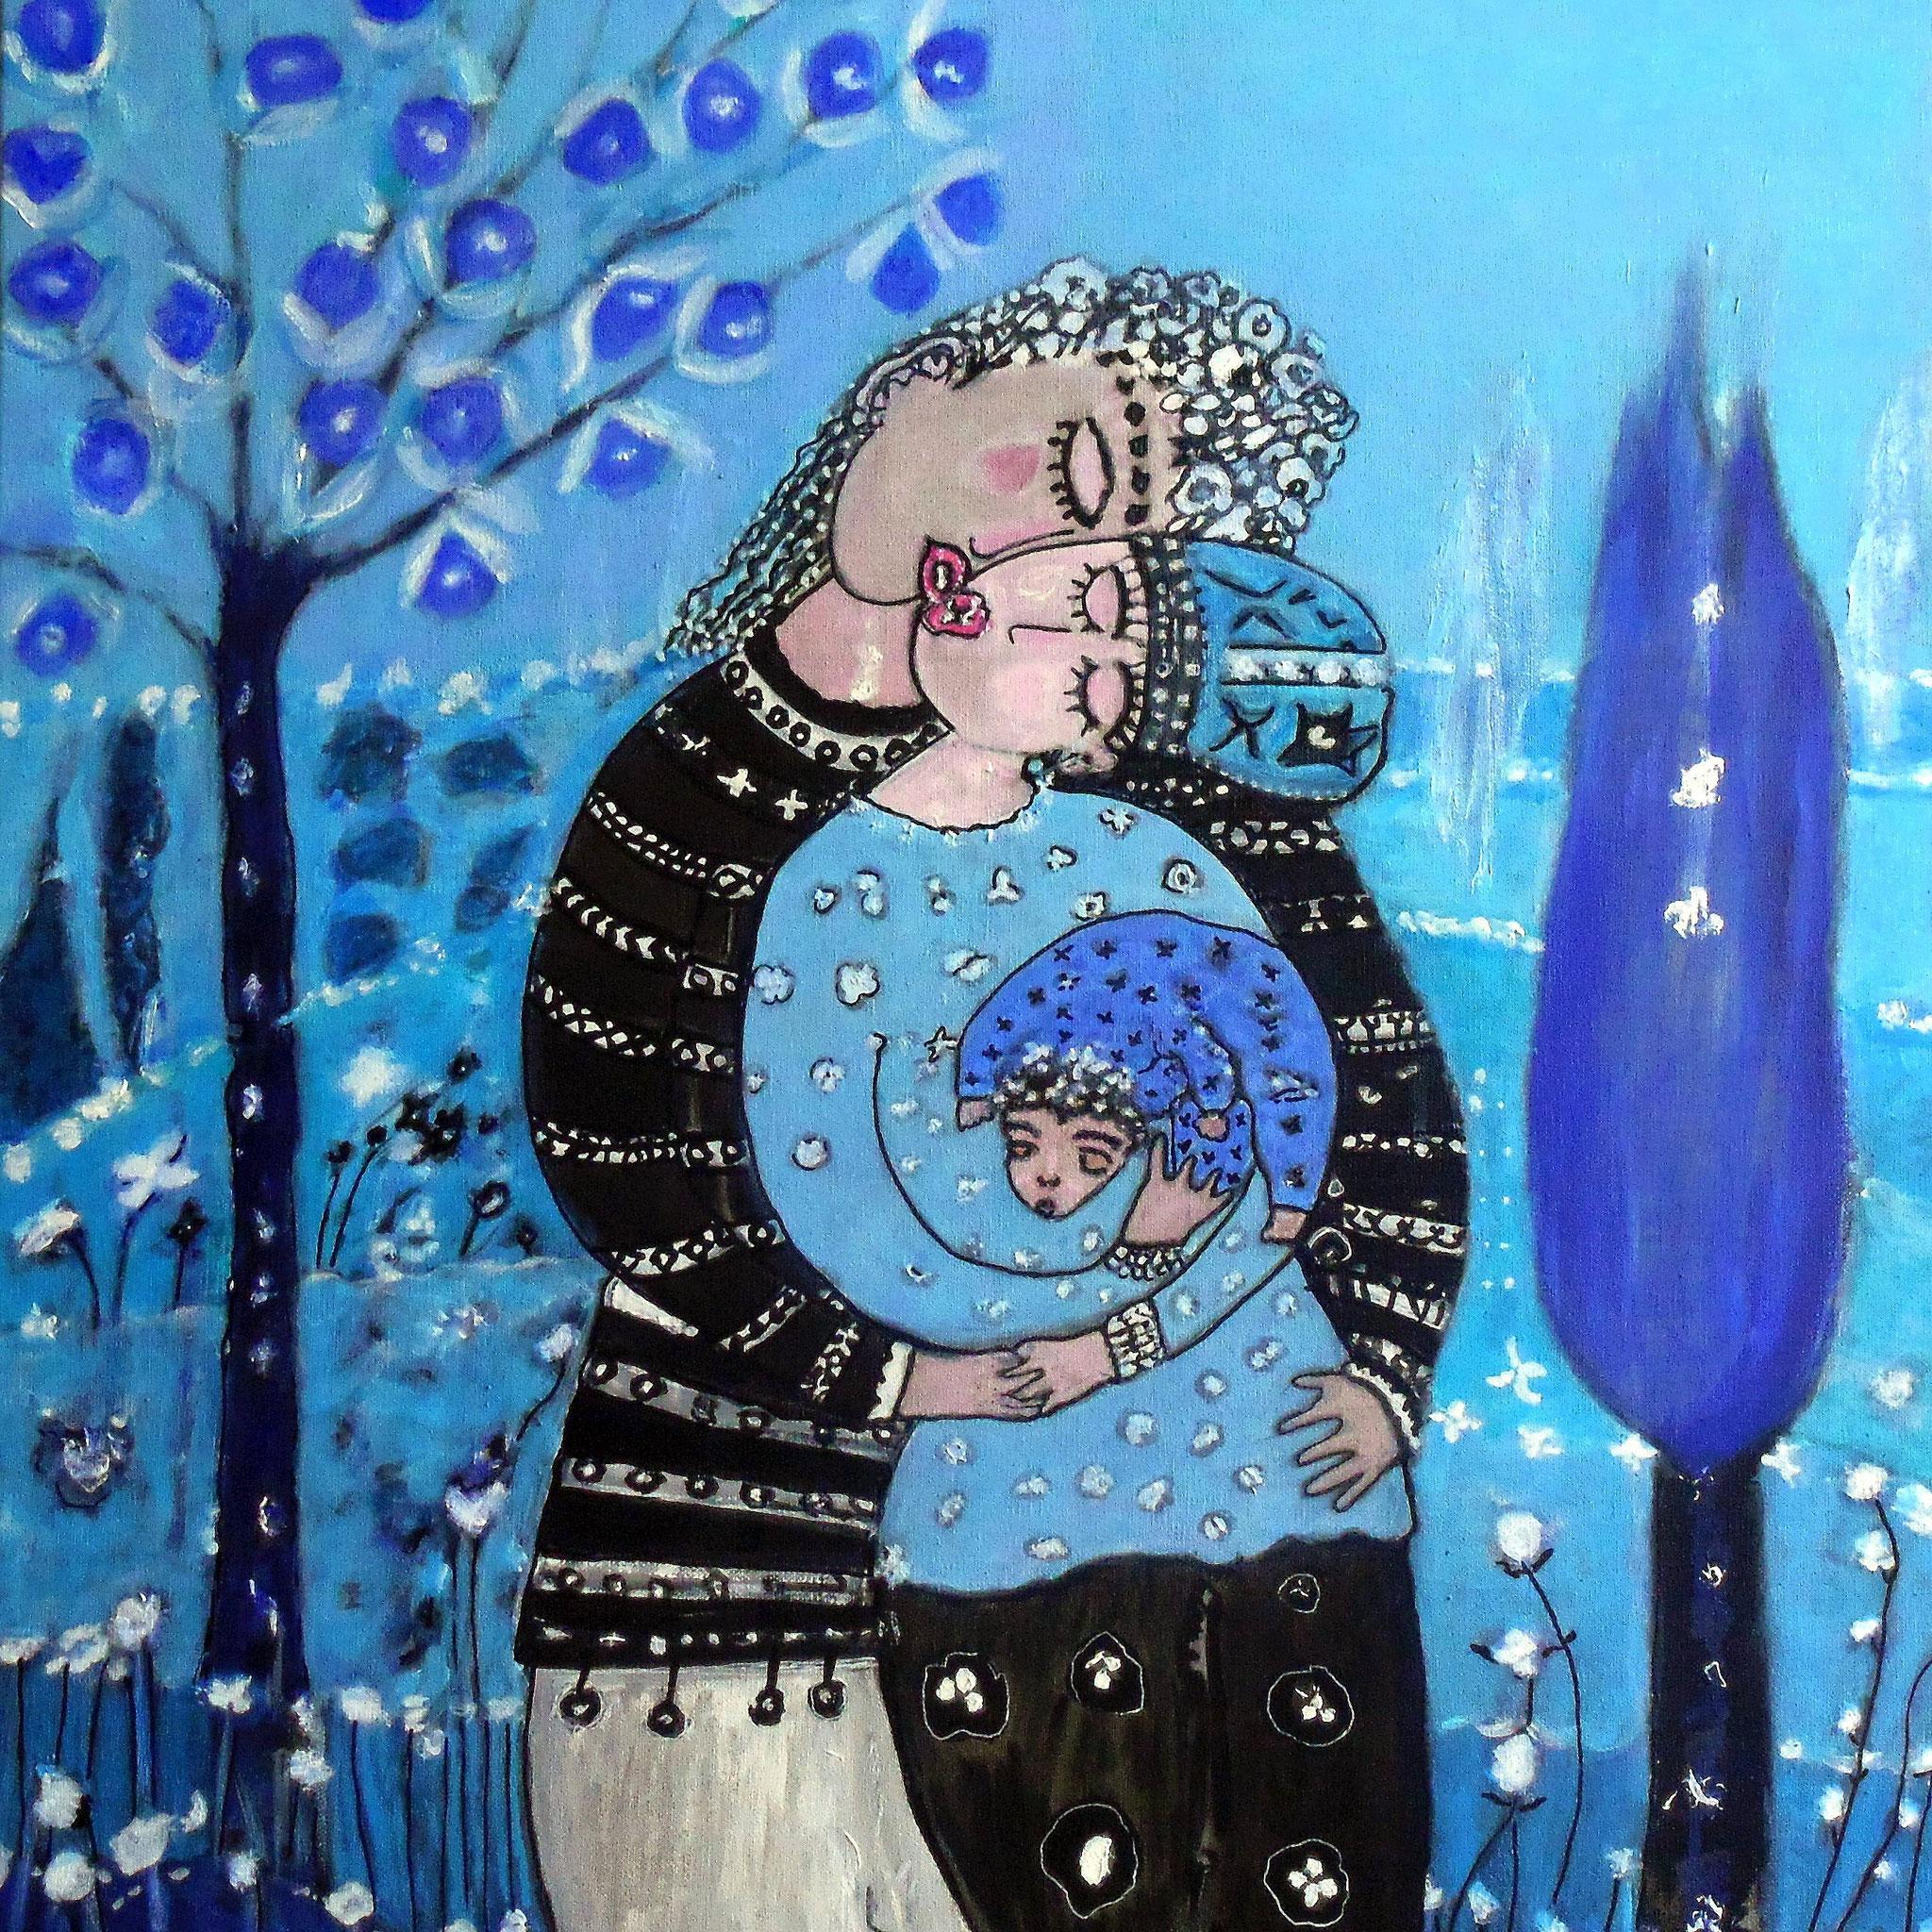 « Amours au secret de l'arbre 10 », 73x60 cm, encre, gesso, acrylique sur toile. Oeuvre de Geneviève Gourvil